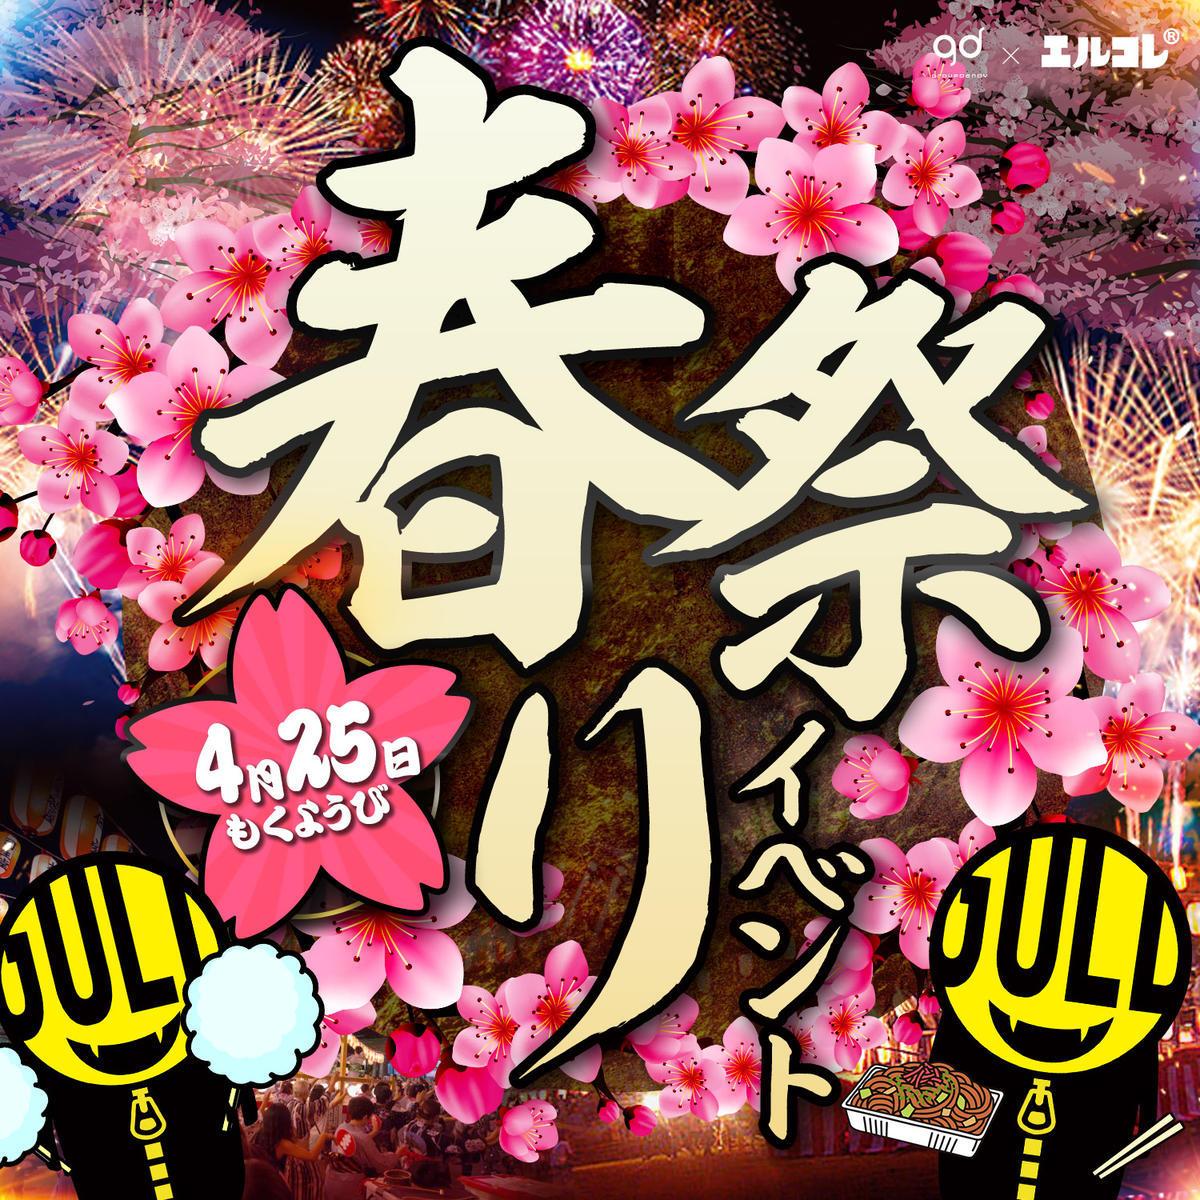 歌舞伎町GOLDのイベント「春祭りイベント」のポスターデザイン